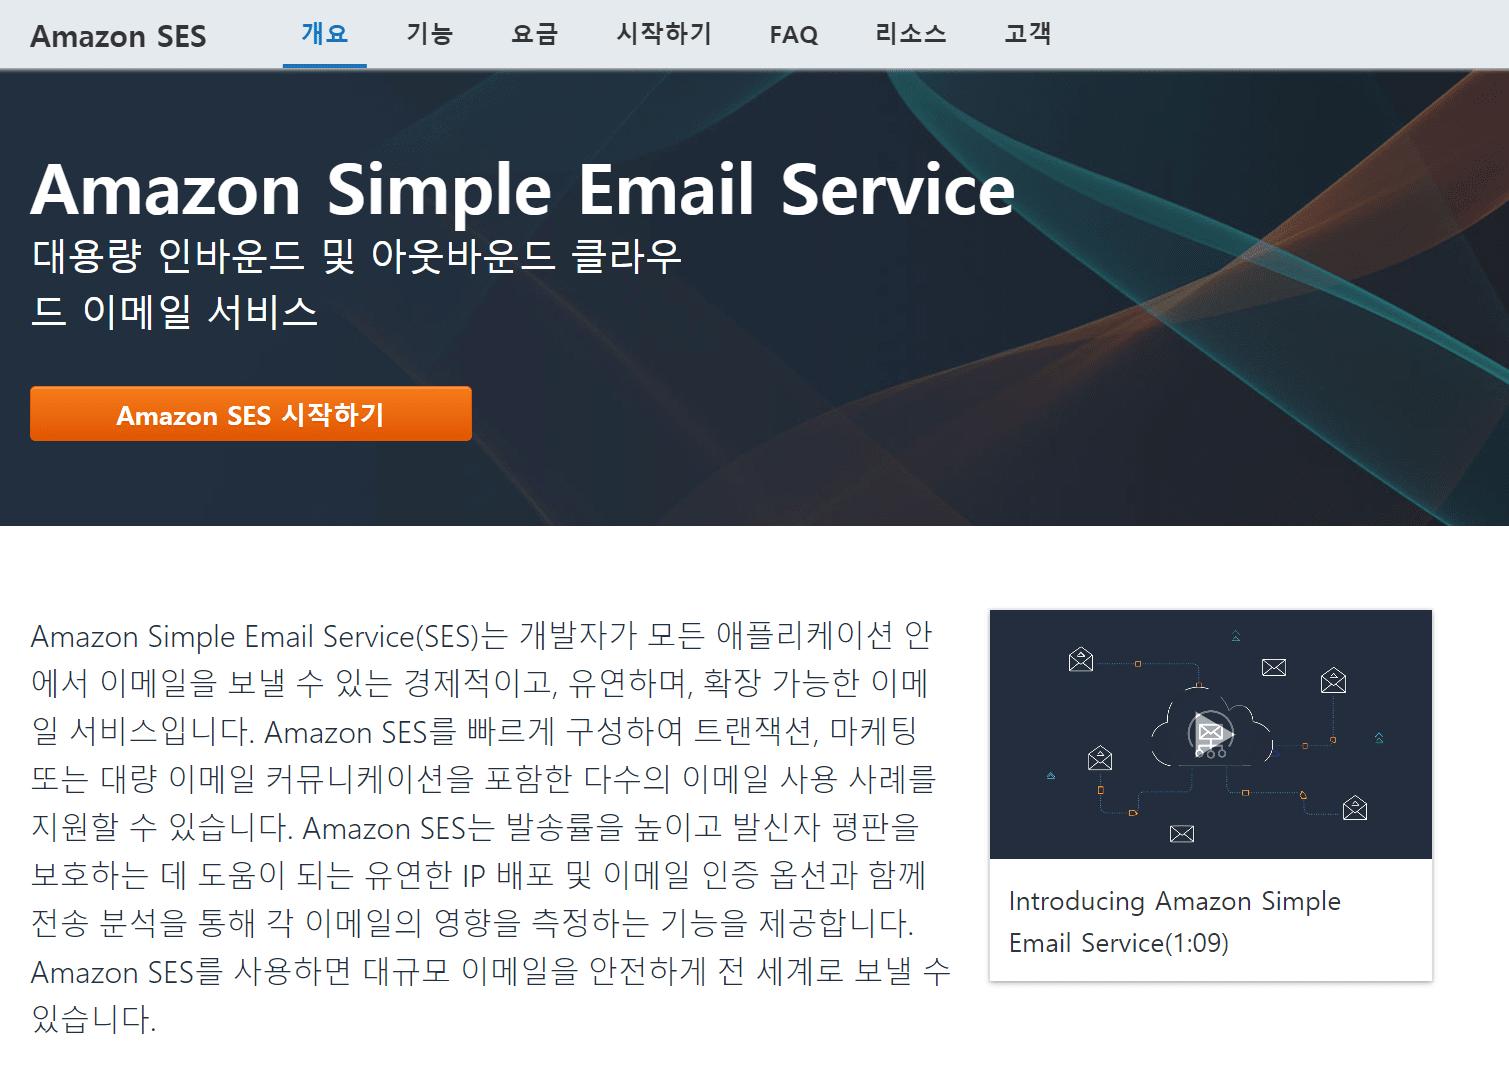 아마존 이메일 서비스 Amazon Simple Email Servic 페이지